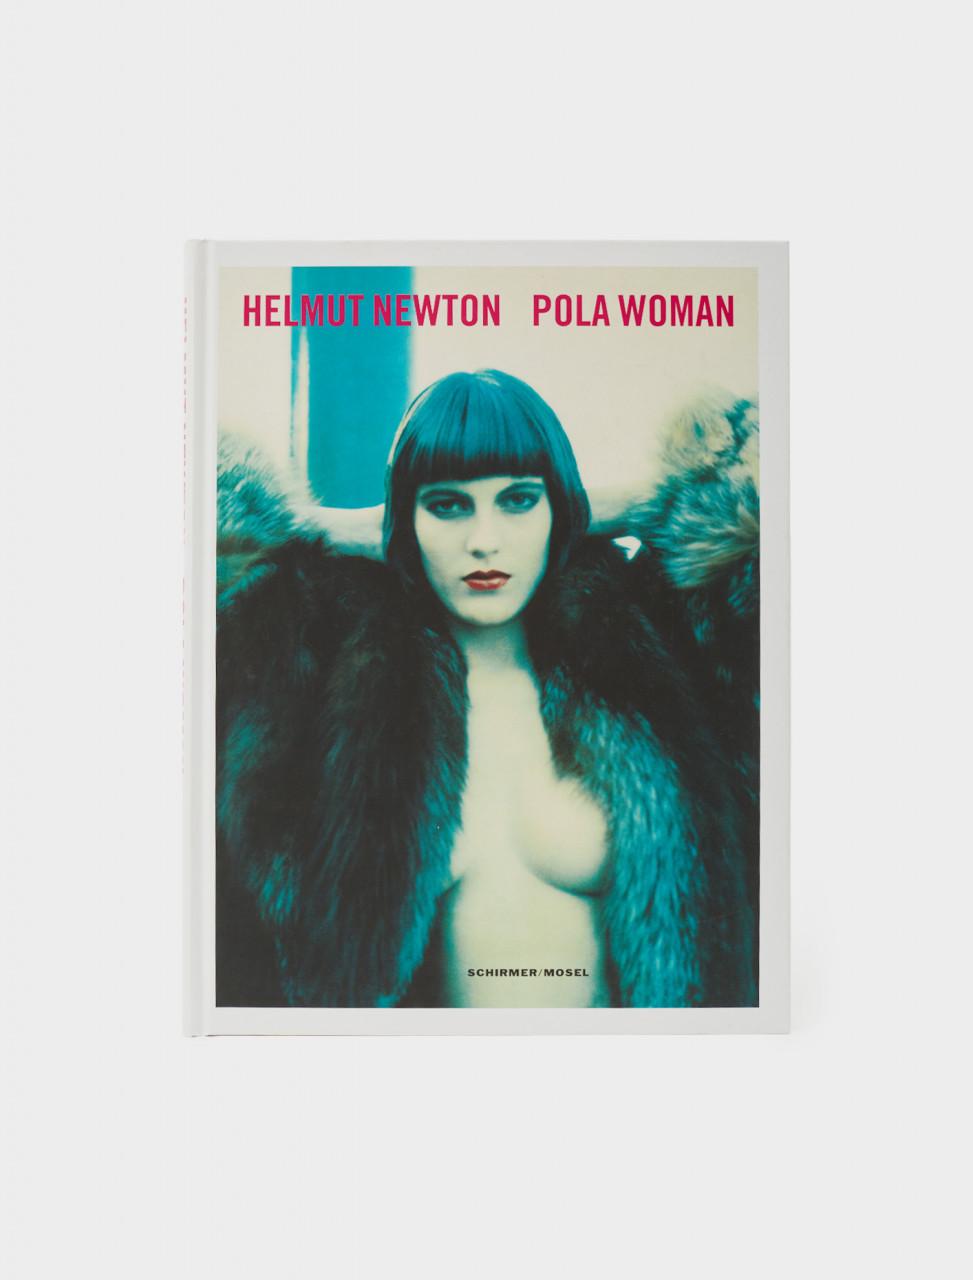 Helmut Newton Pola Woman